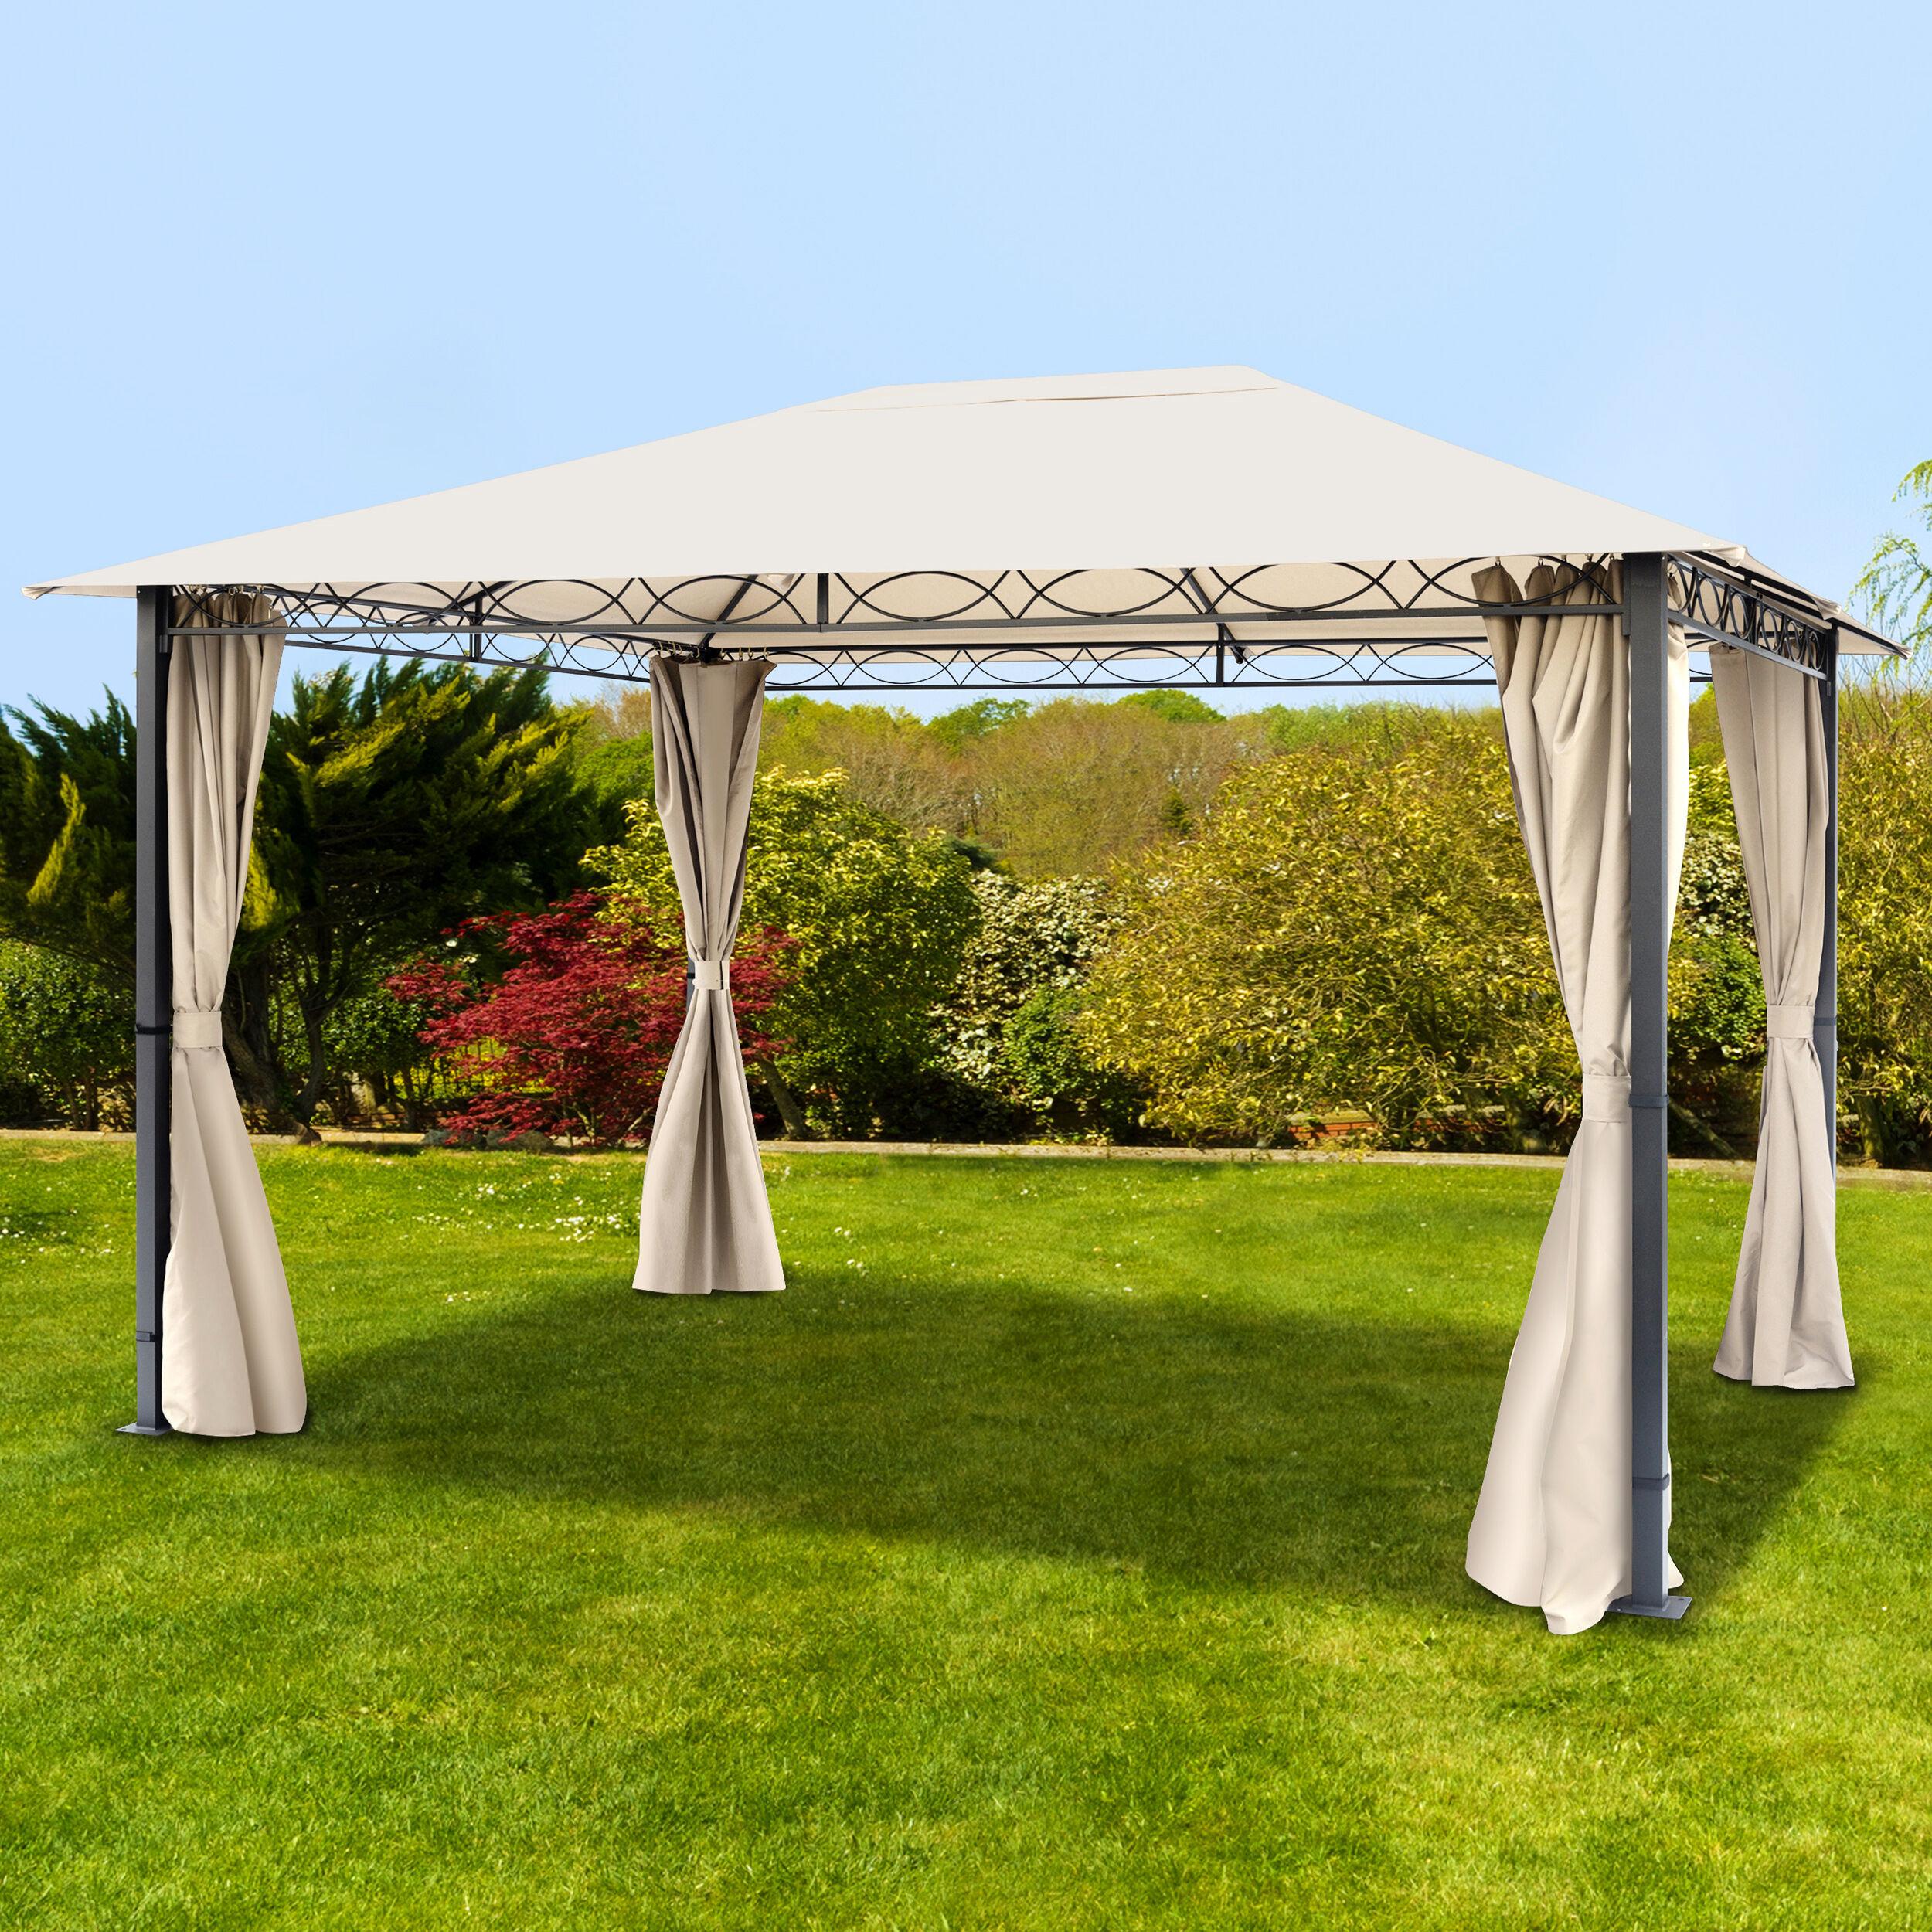 toolport gazebo da giardino 3x4m poliestere con rivestimento in pu 220 g/m² crema impermeabile